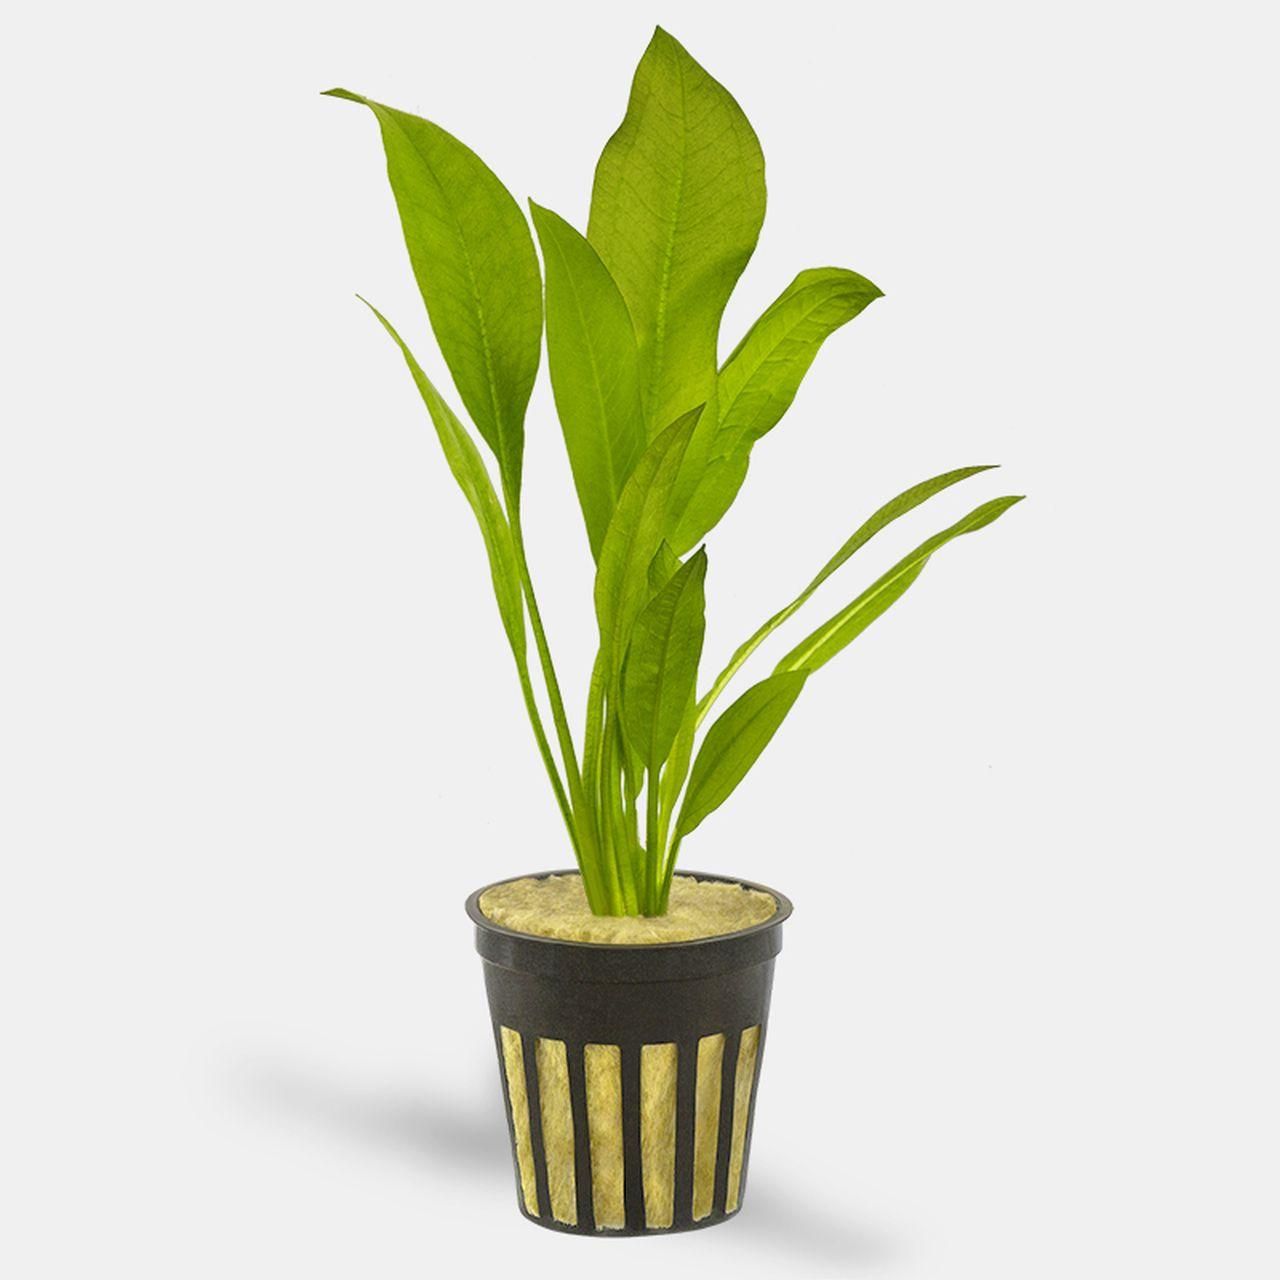 Amazon Sword Echinodorus Sp Potted Planted Aquarium Pot Plants